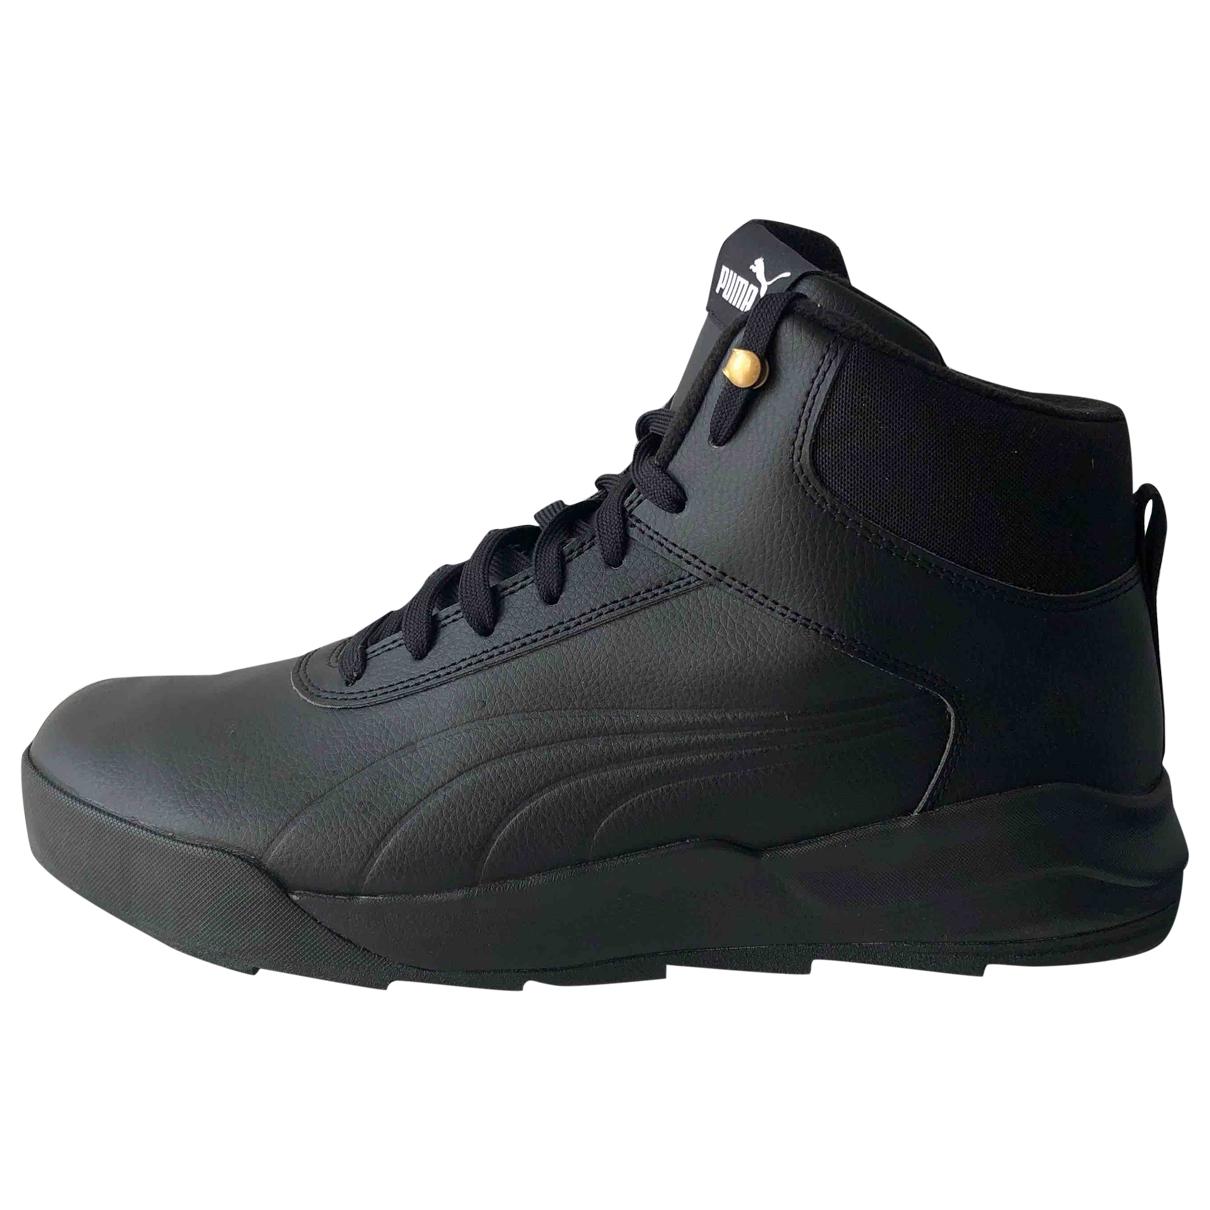 Puma - Baskets   pour homme en cuir - noir